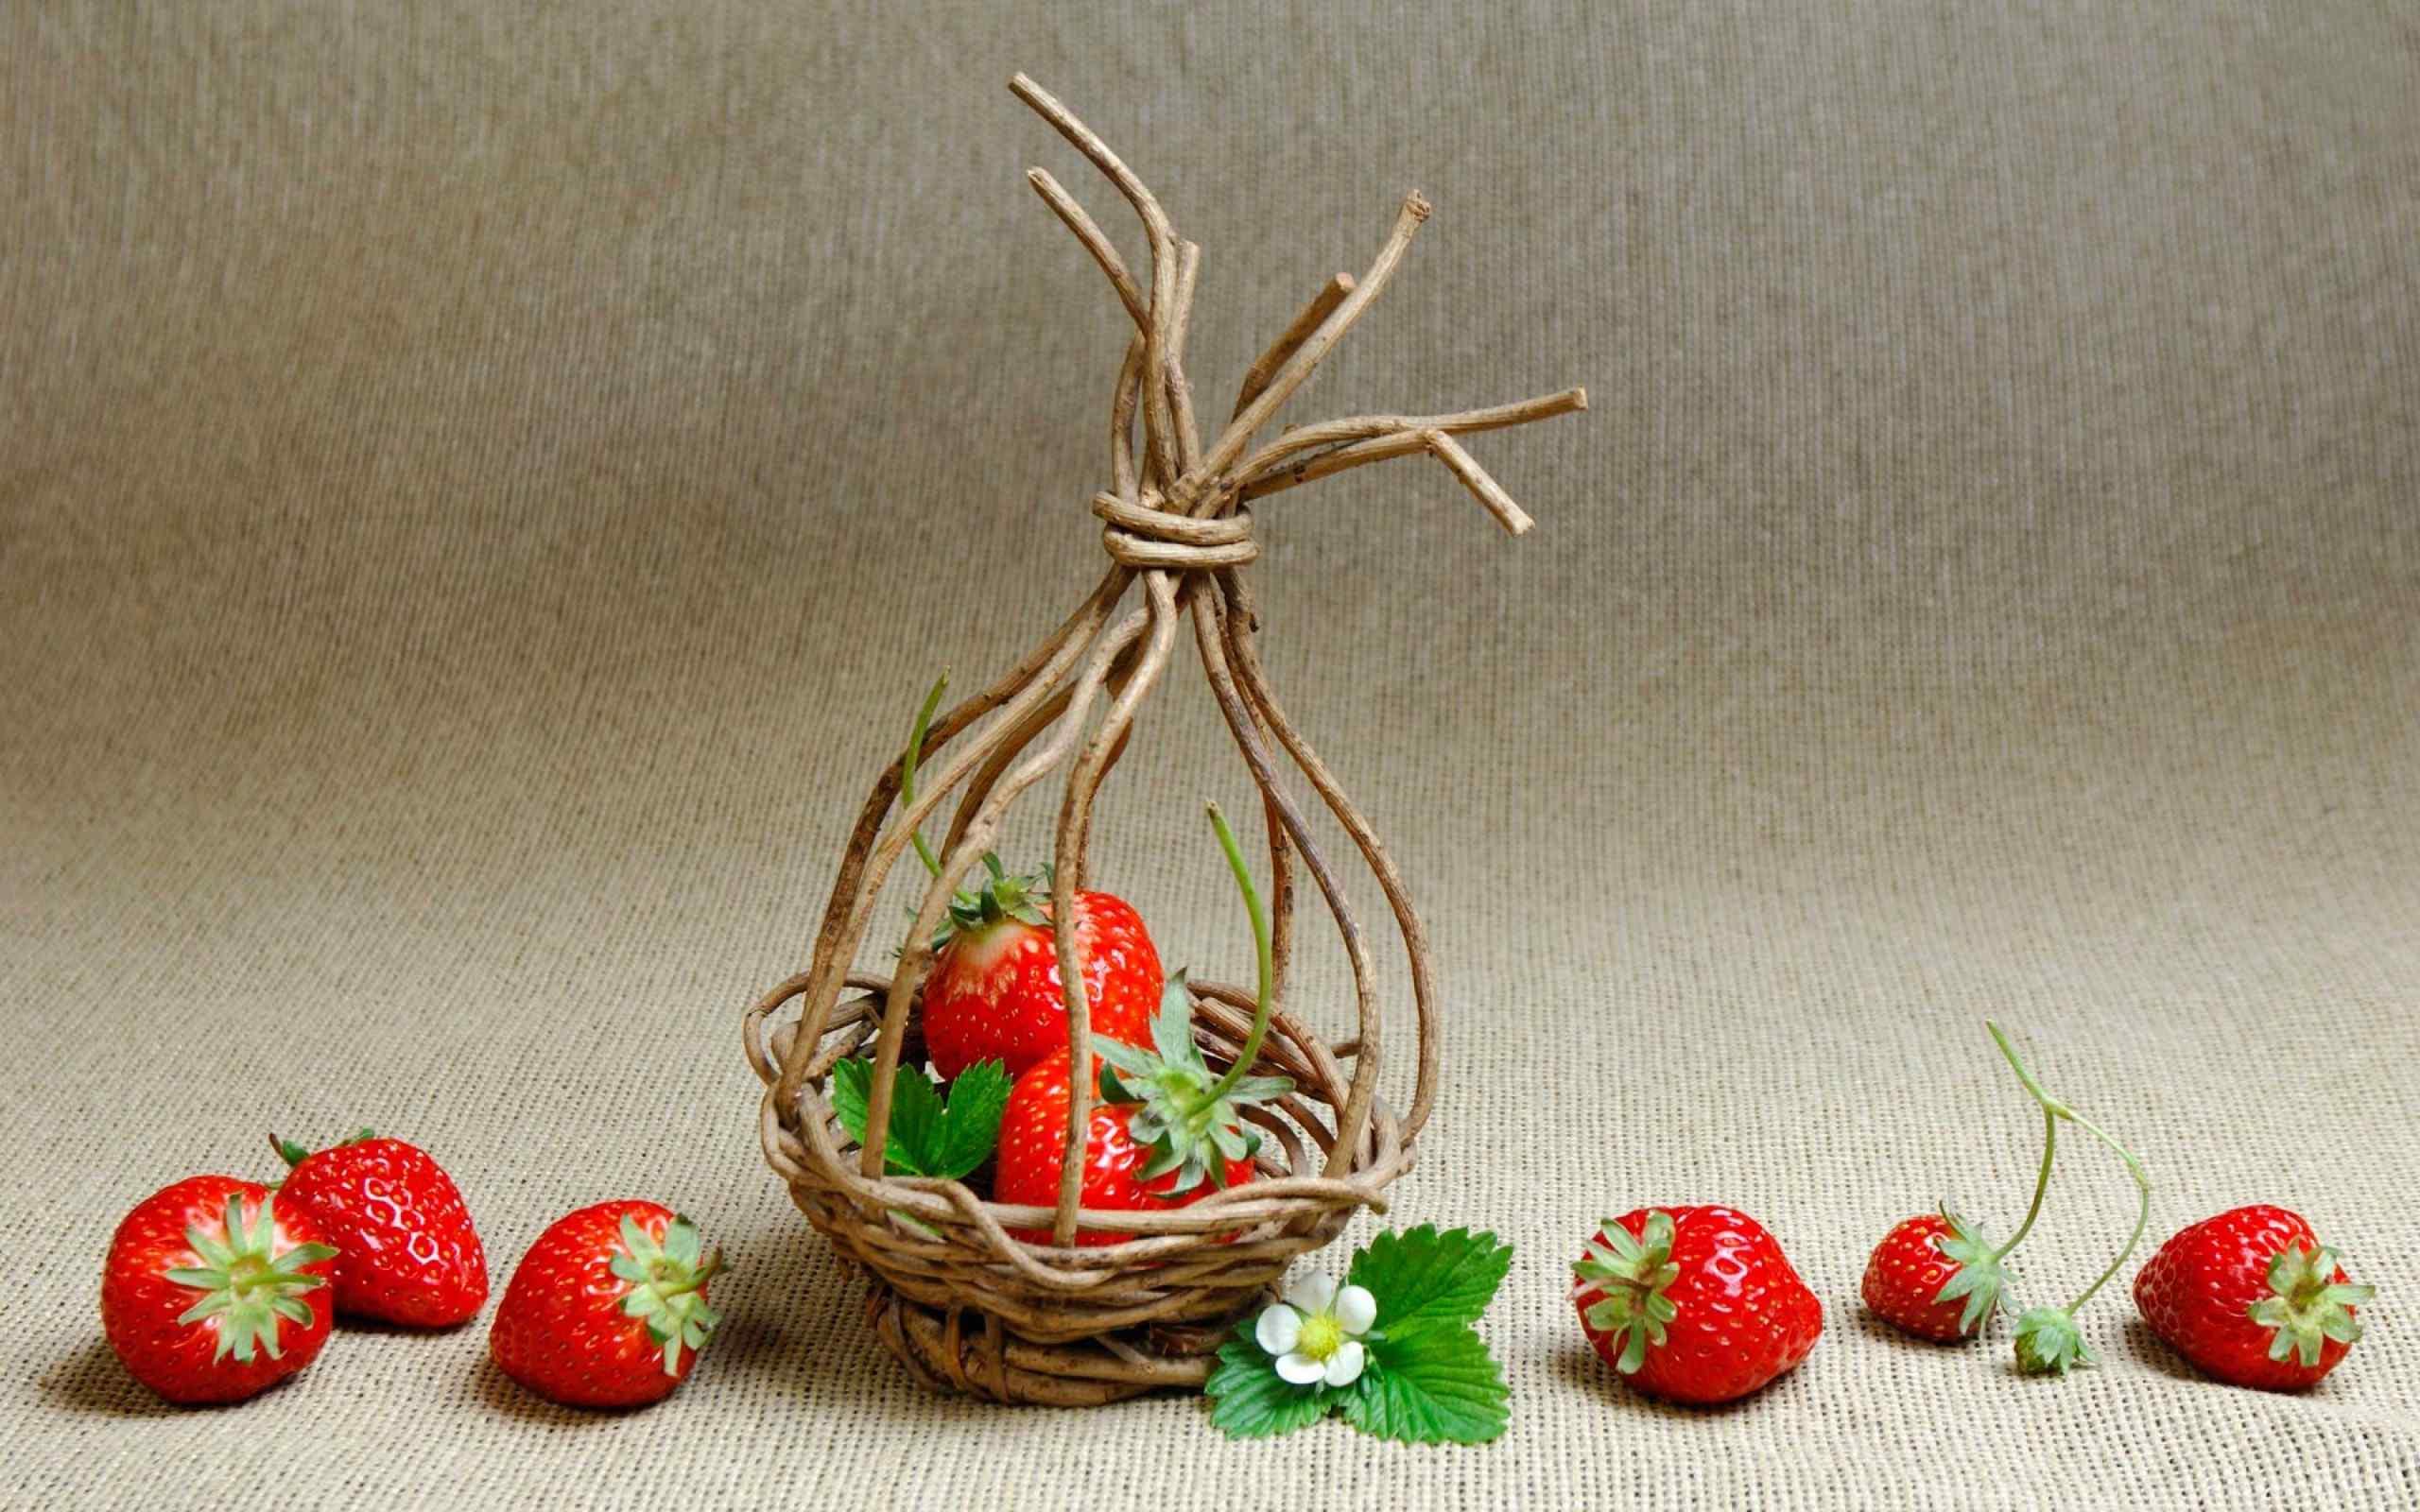 篮装草莓落地水果桌面壁纸